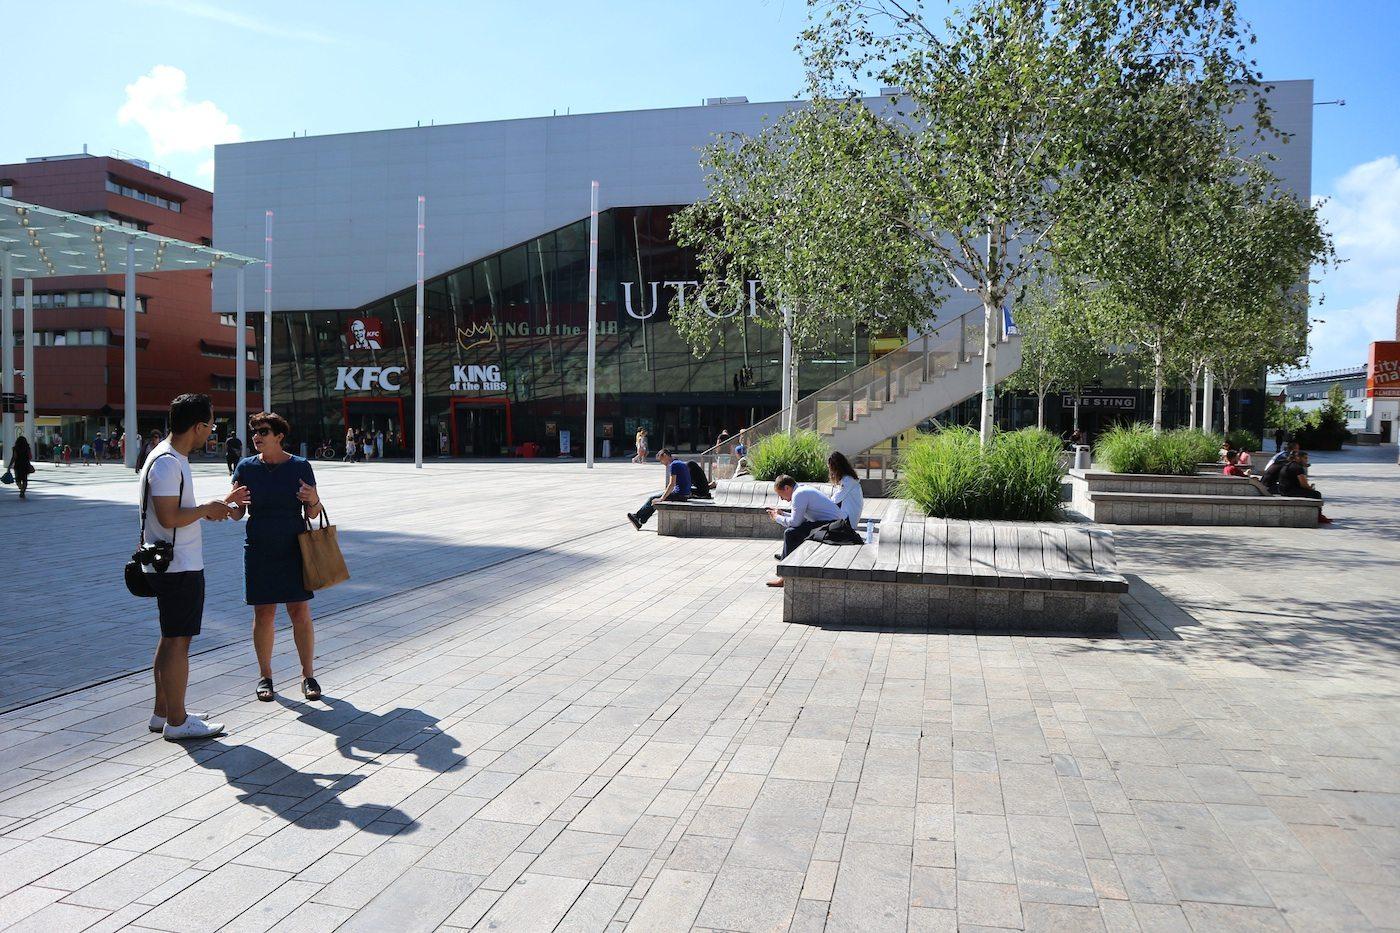 Forum. Ist einer der Innenstadtplätze. Kurz vor dem Start der Architekturführung mit der Almerekennerin Marga Kleinenberg –im Gespräch mit THE LINK-Mitgründer und Redakteur Jan Dimog